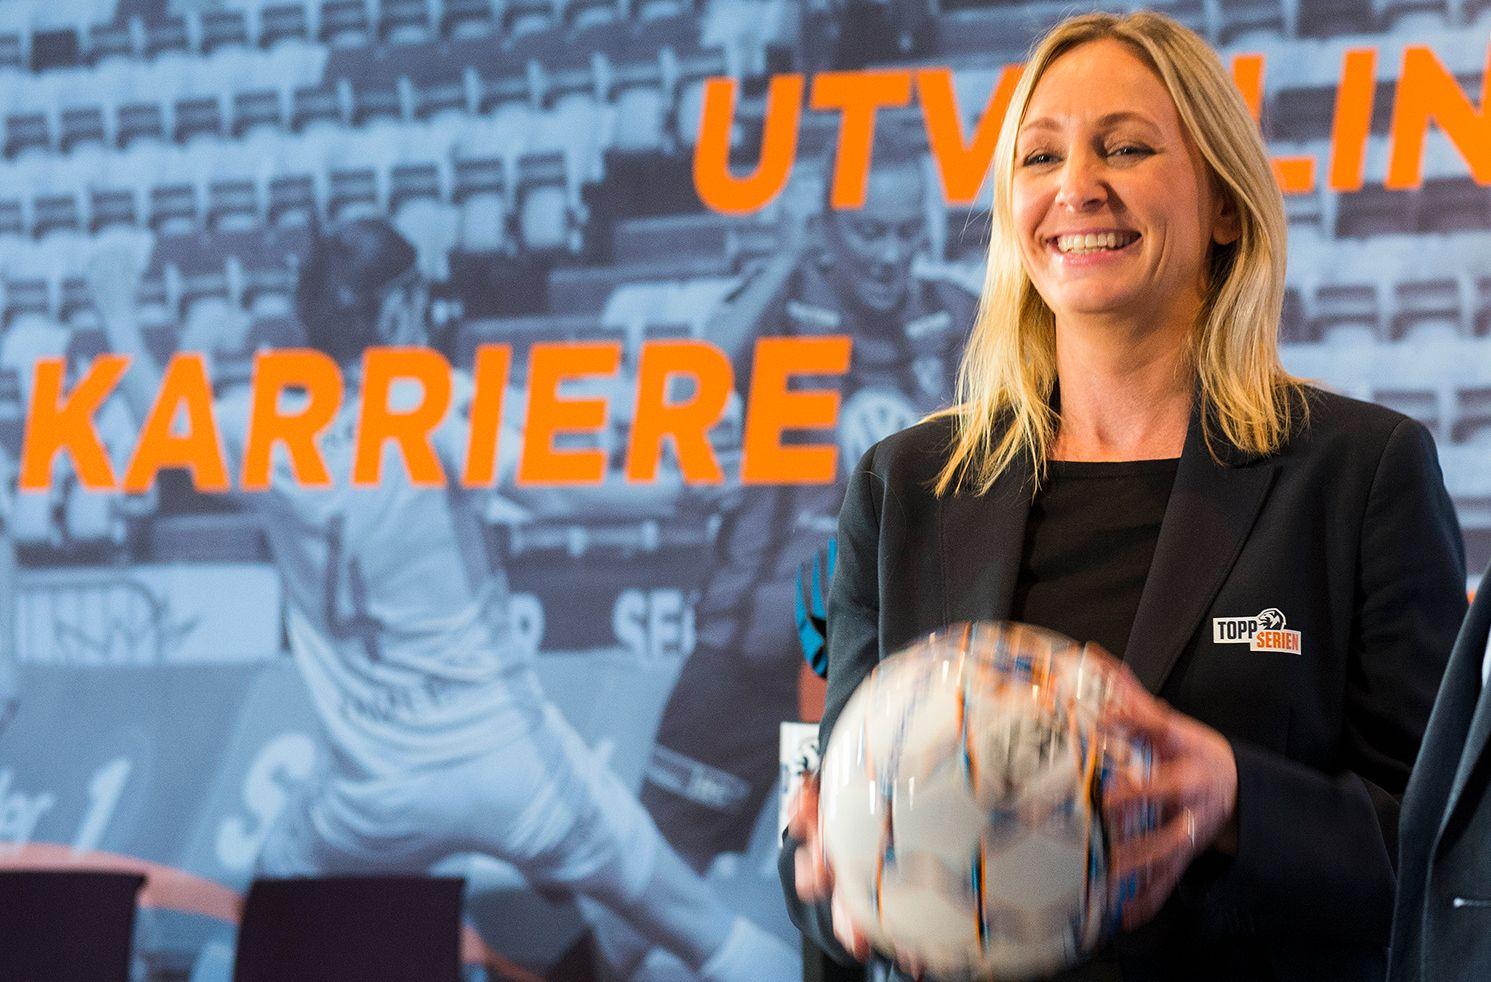 HJERTESAK: Hege Jørgensen kjemper for at forholdene skal legges bedre til rette for fotballspillende jenter.